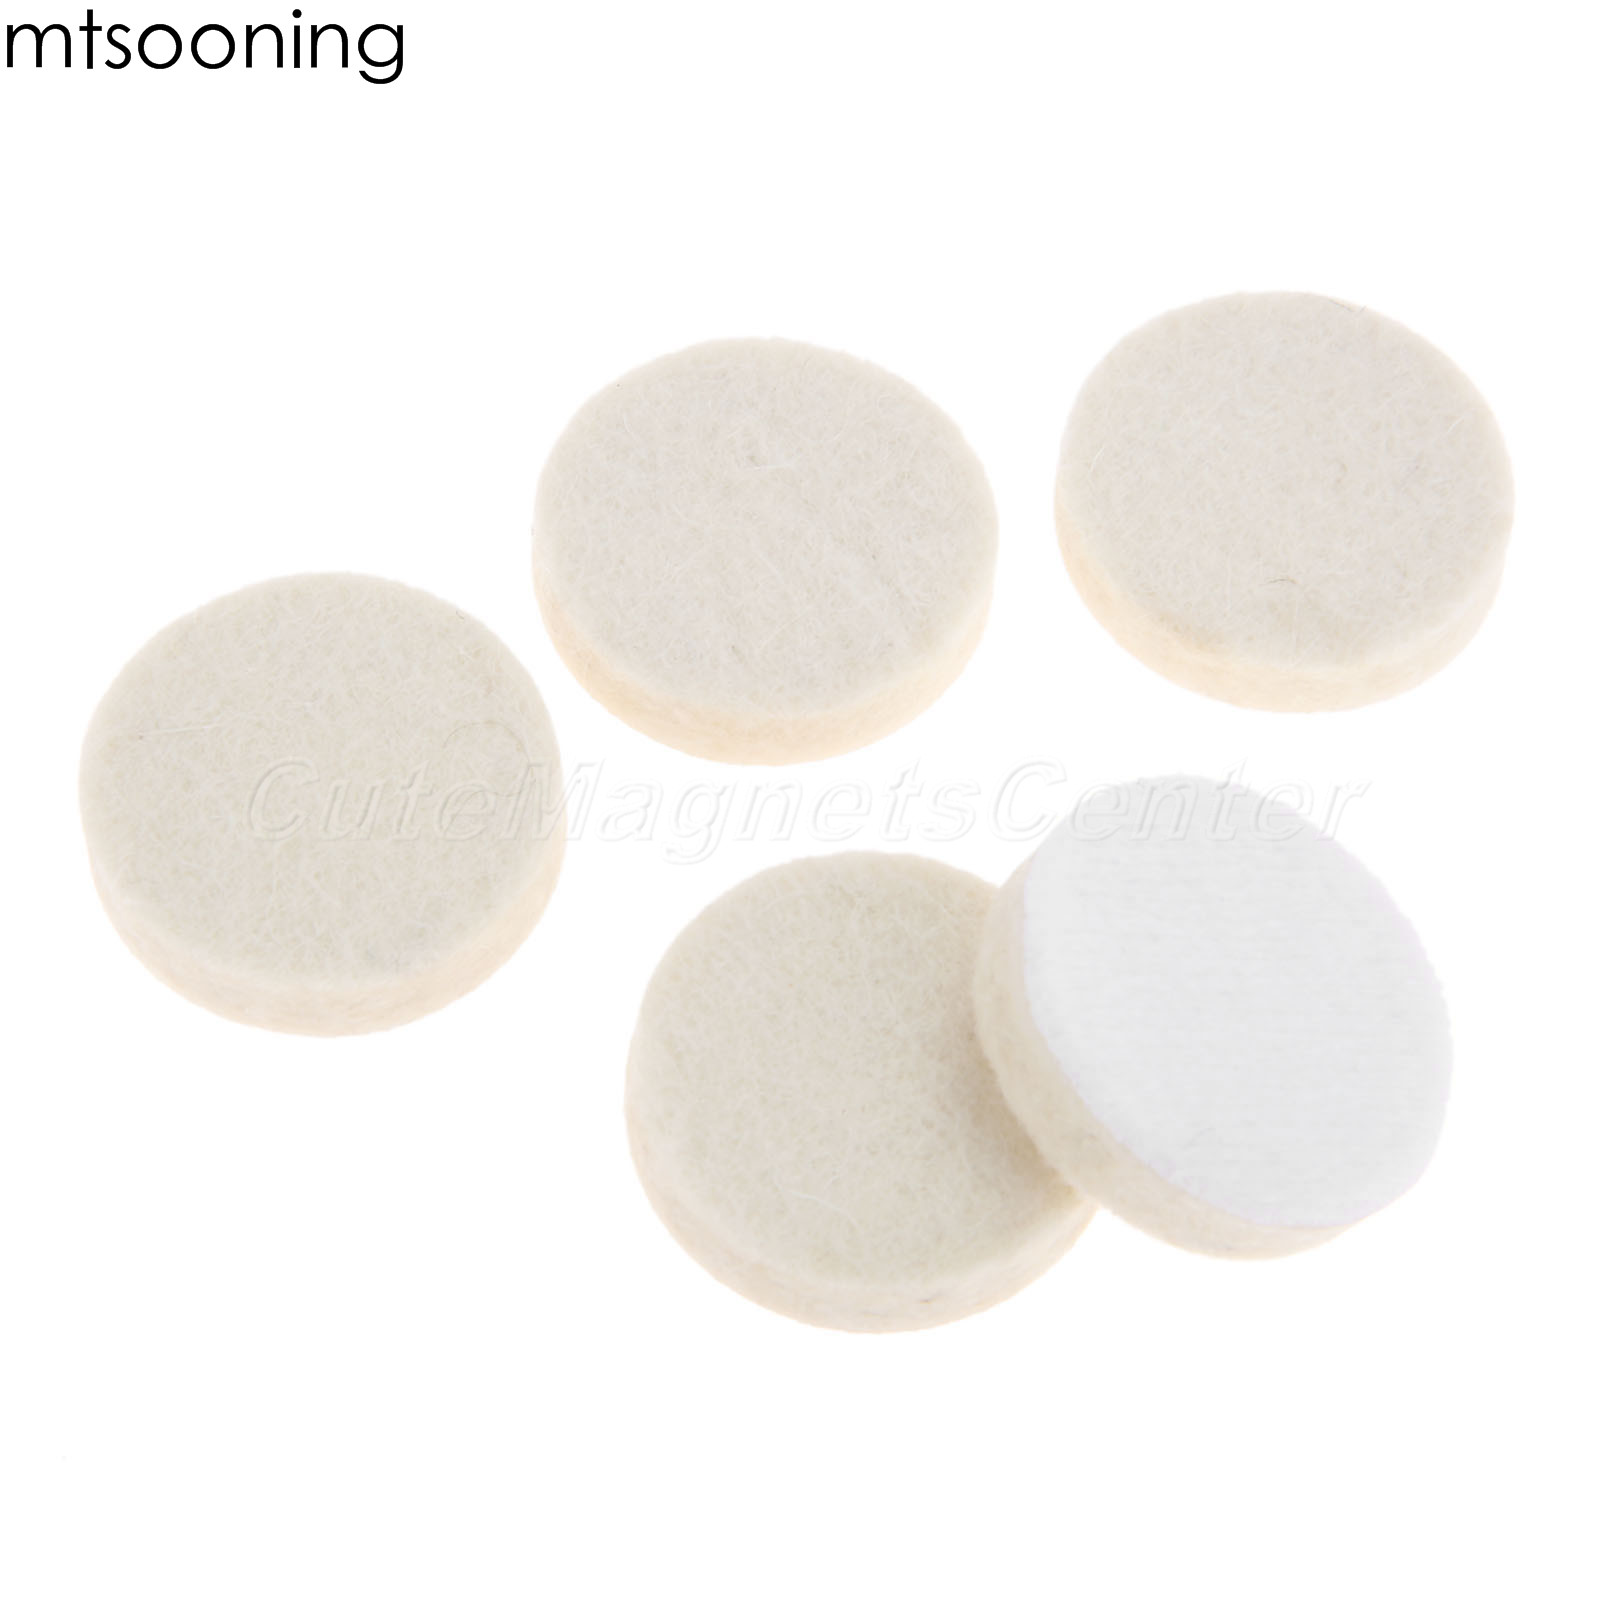 mtsooning 20 pces 1 polegada 25mm redonda de pelucia la polimento disco roda folhas almofadas carro